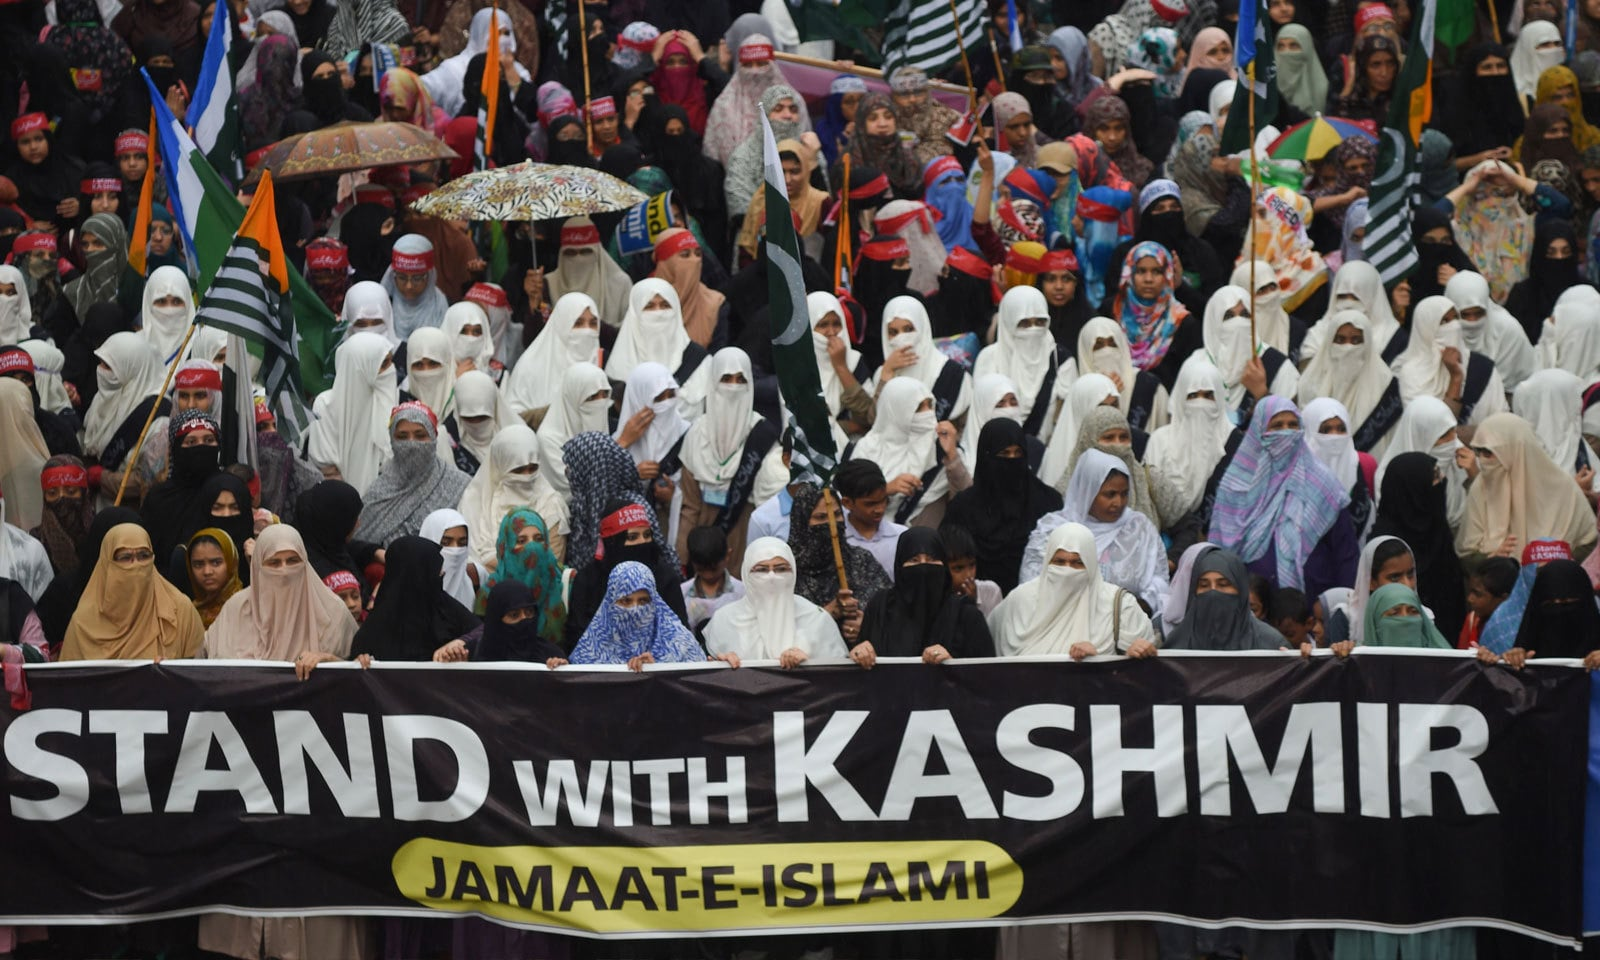 آزادی کشمیر مارچ میں خواتین کی بڑی تعداد نے بھی شرکت کی — فوٹو: اے ایف پی